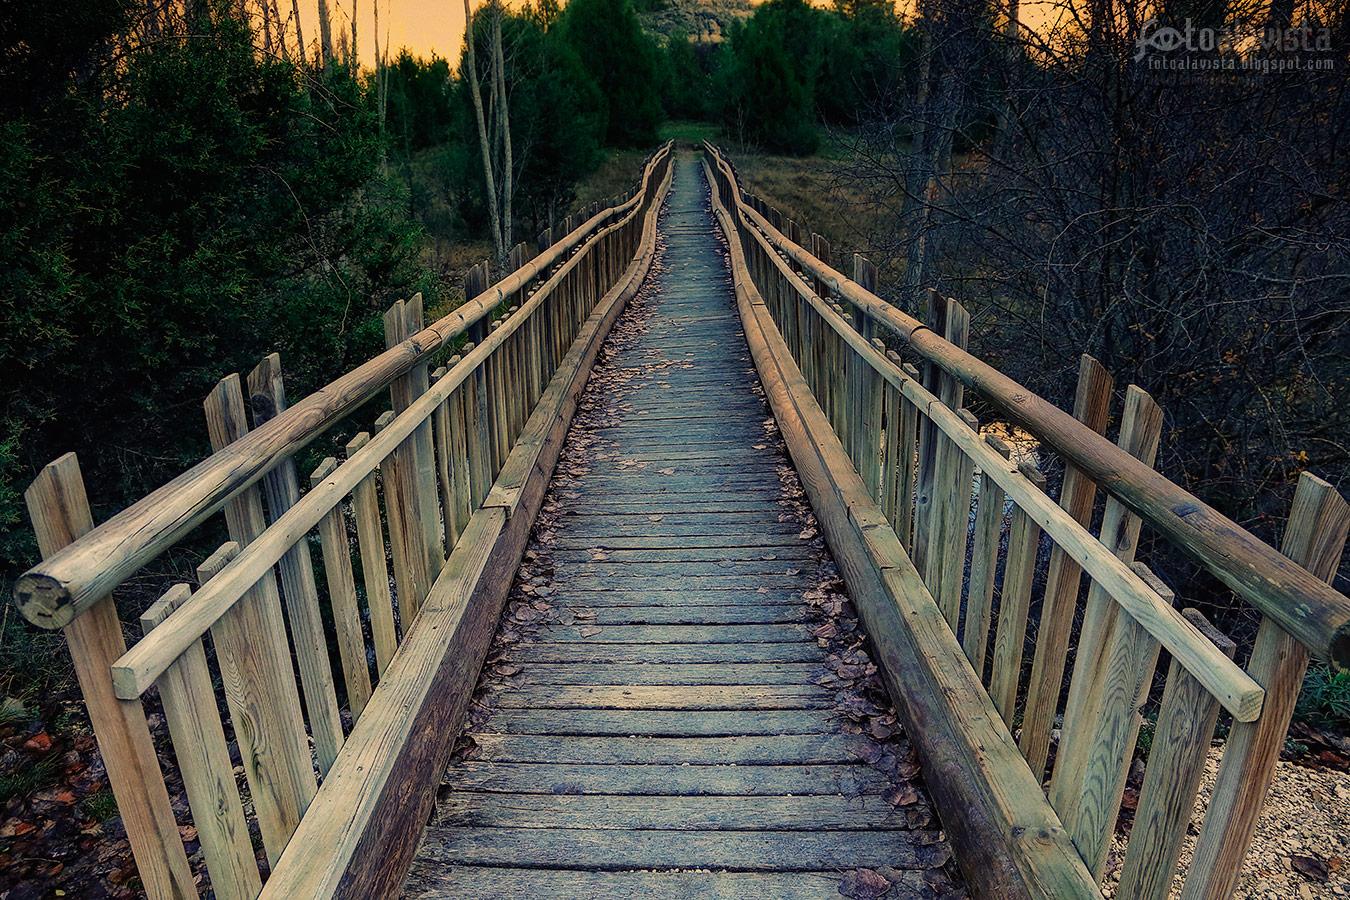 El puente de madera que nos transporta - Fotografía